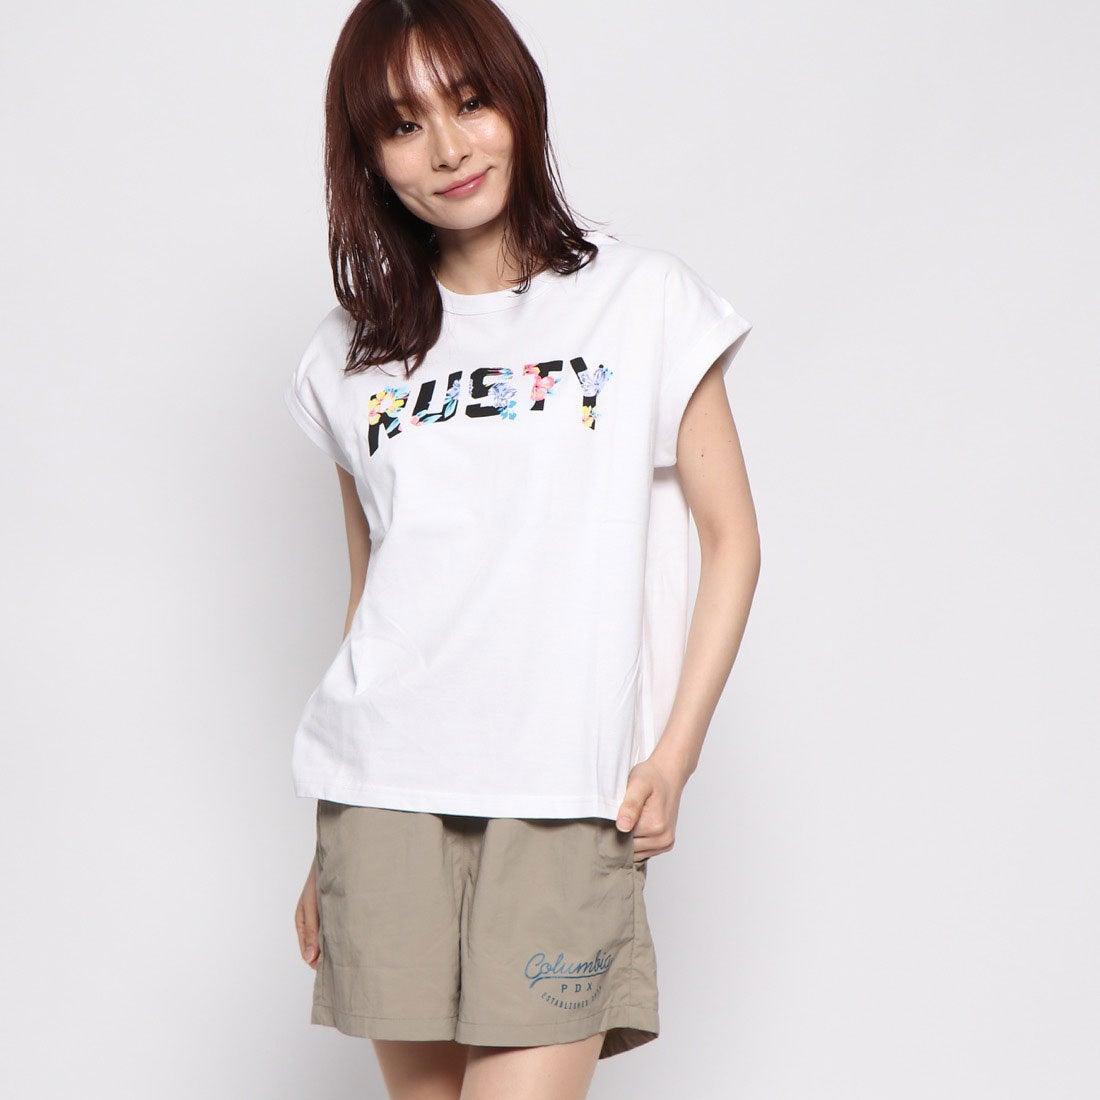 ラスティ RUSTY レディス Tシャツ (WHT)